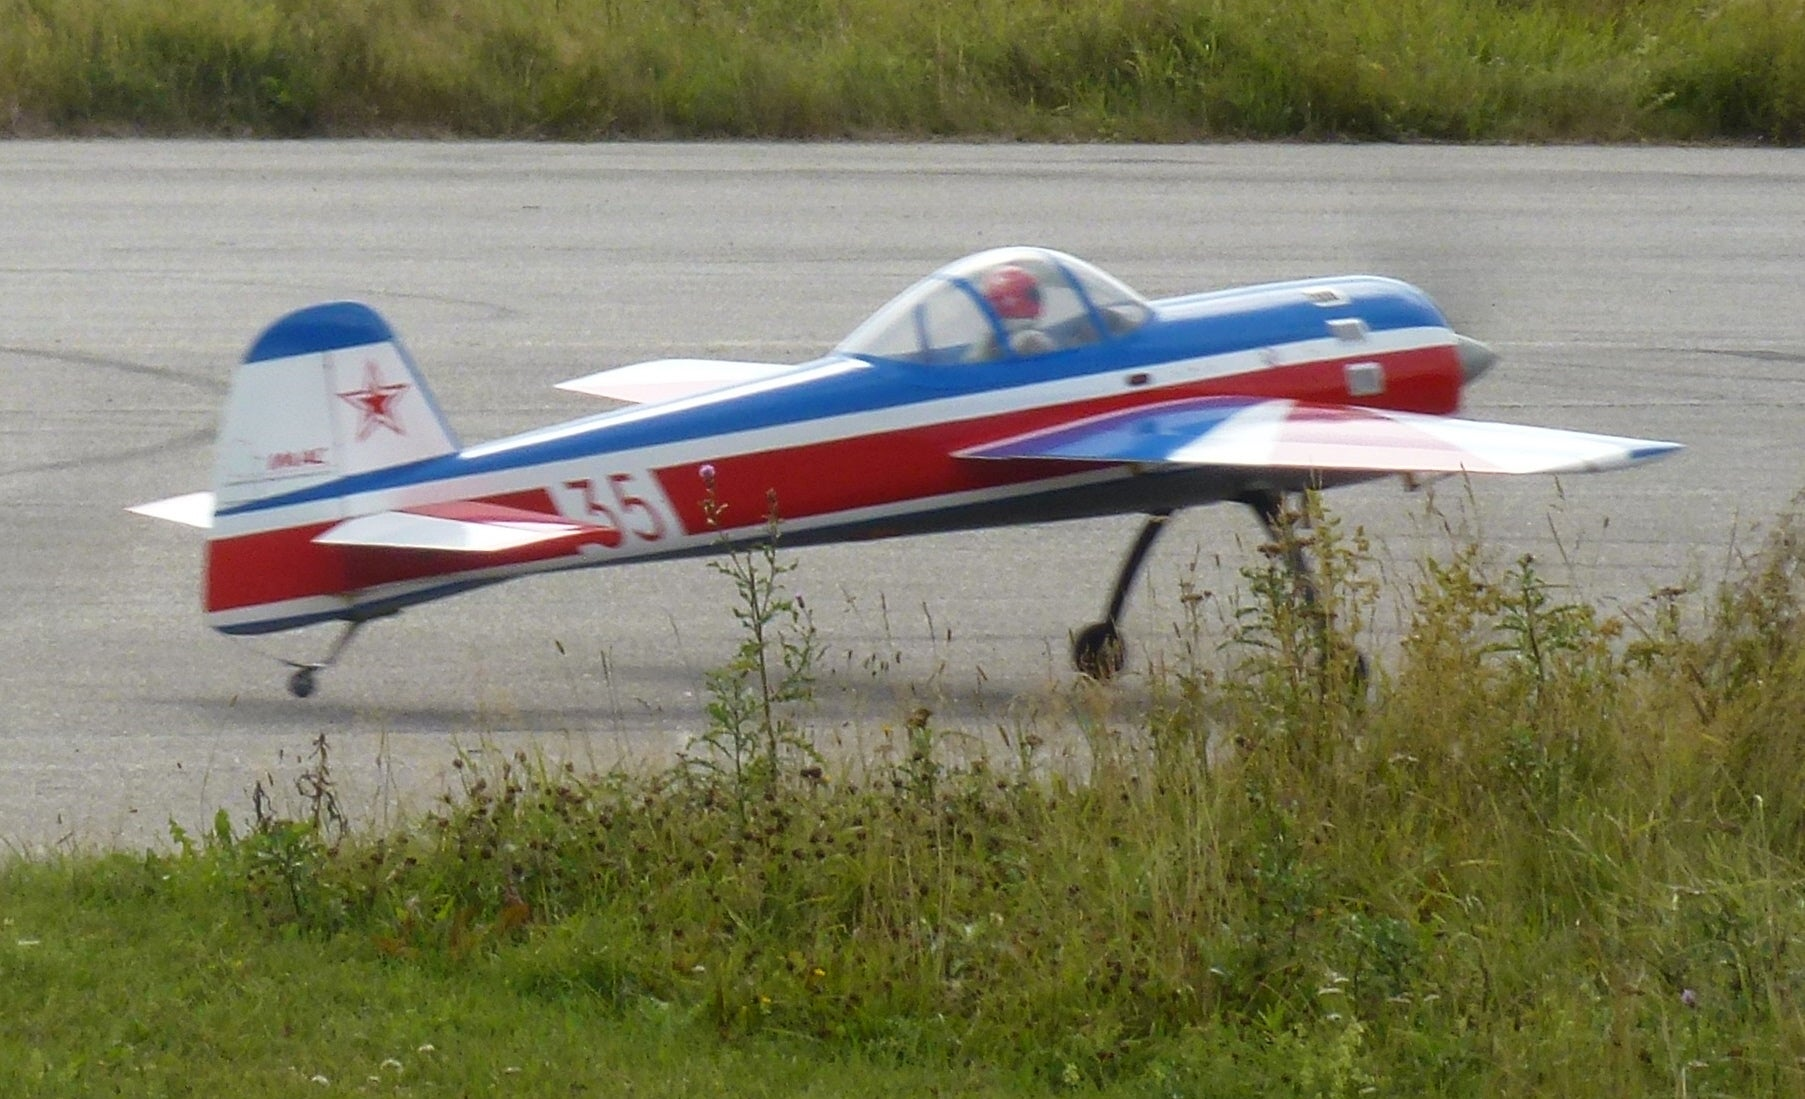 Model Airplane On Runway